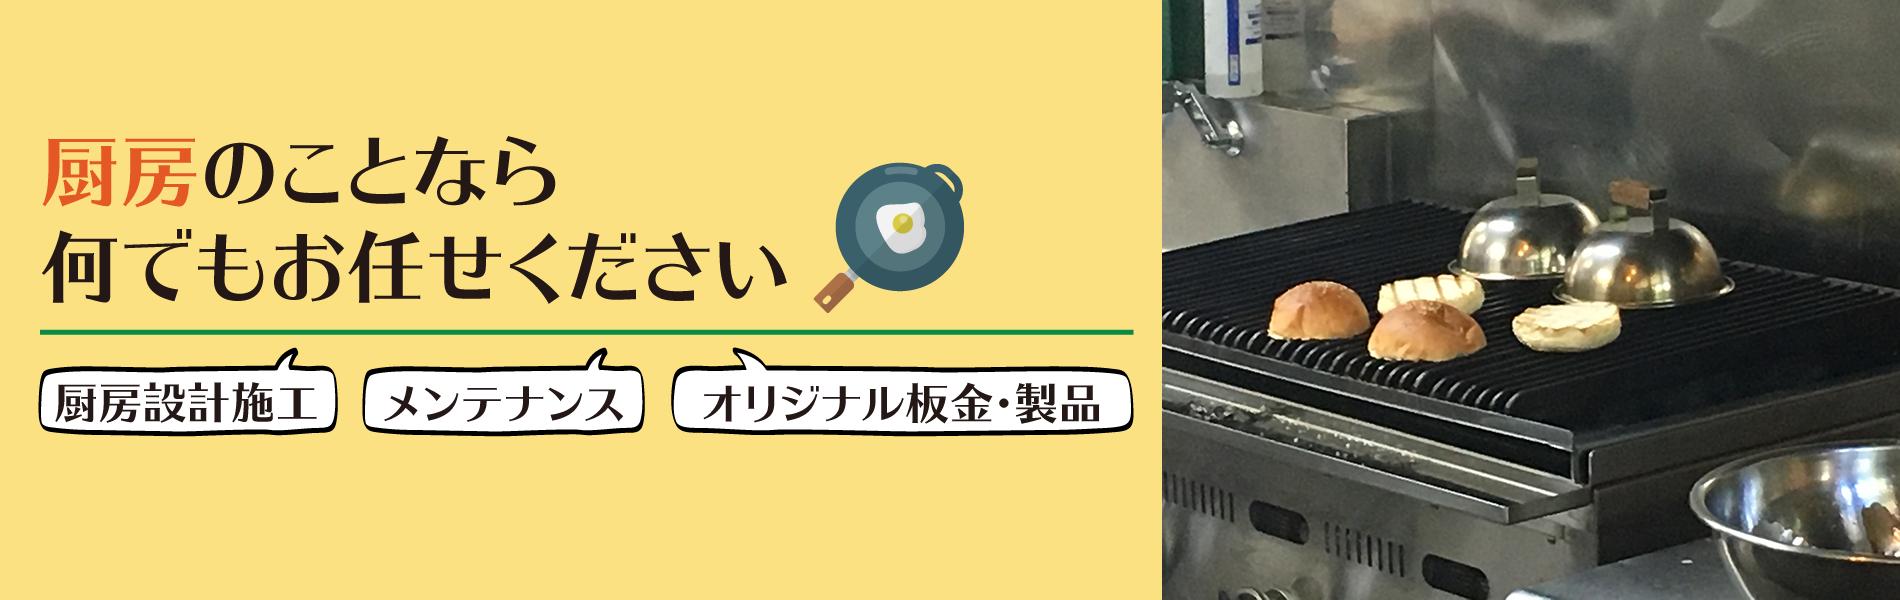 厨房のことなら何でも三栄コーポレーションリミテッドにお任せください